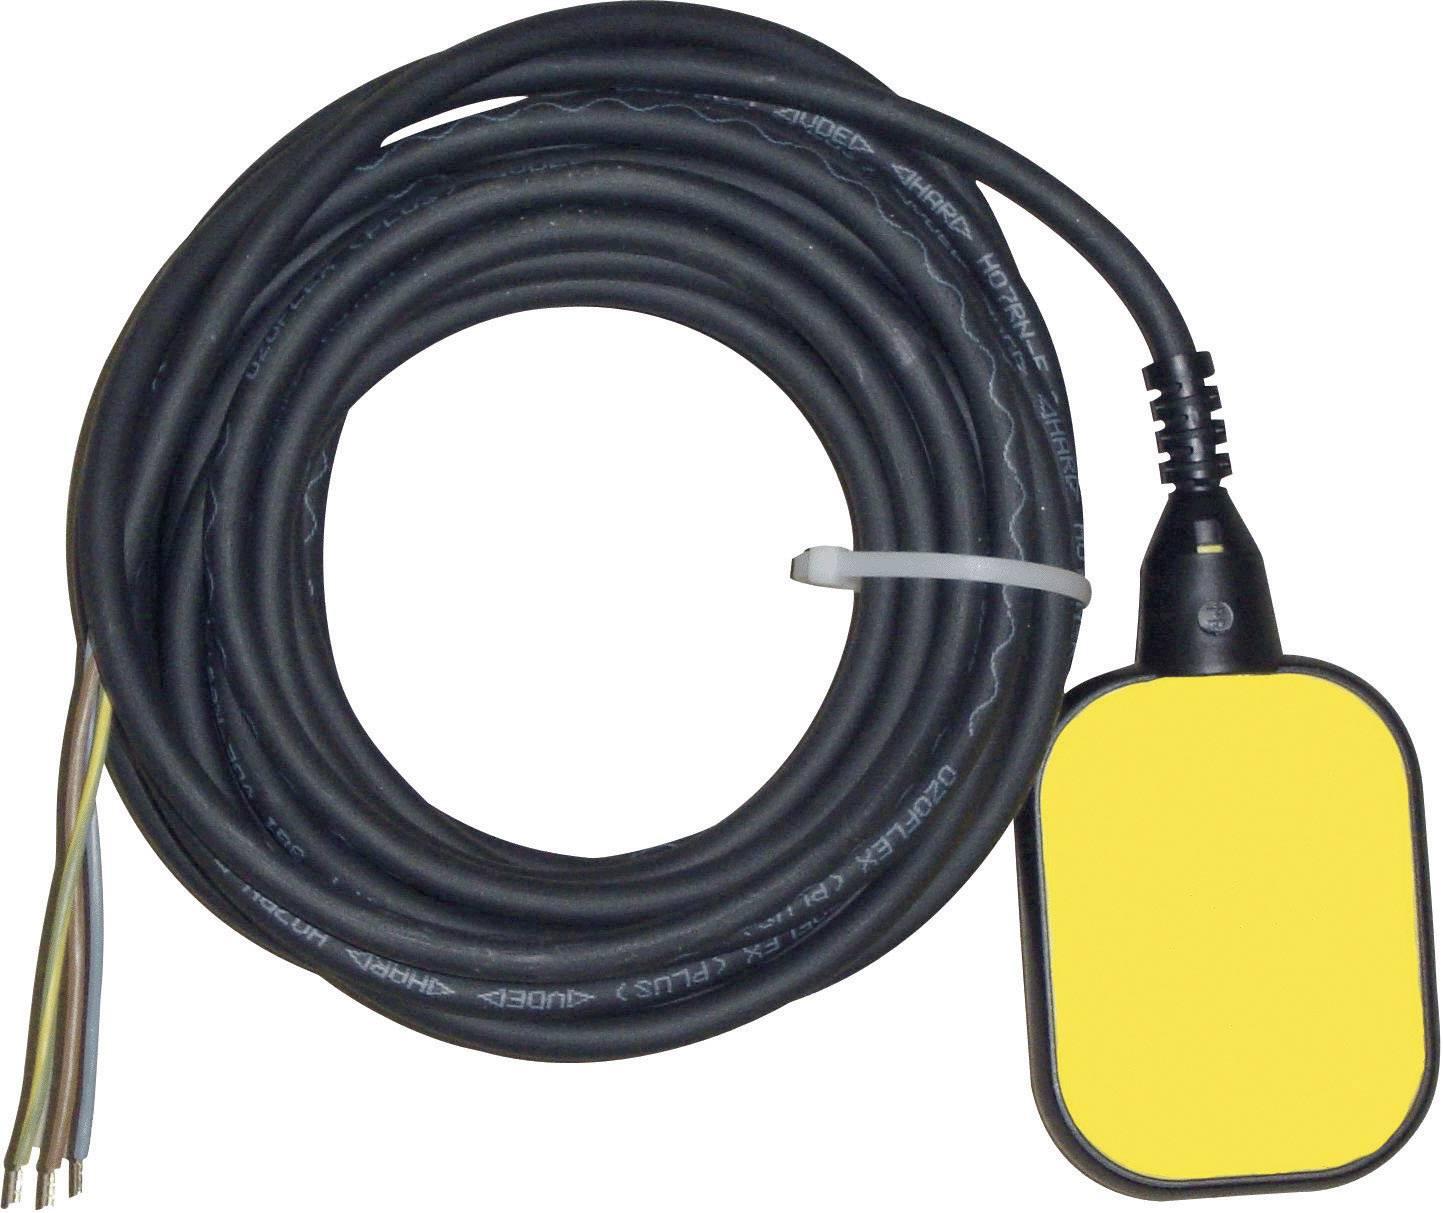 Plovákový spínač pro napouštění Zehnder Pumpen 14507, 5 m, žlutá/černá